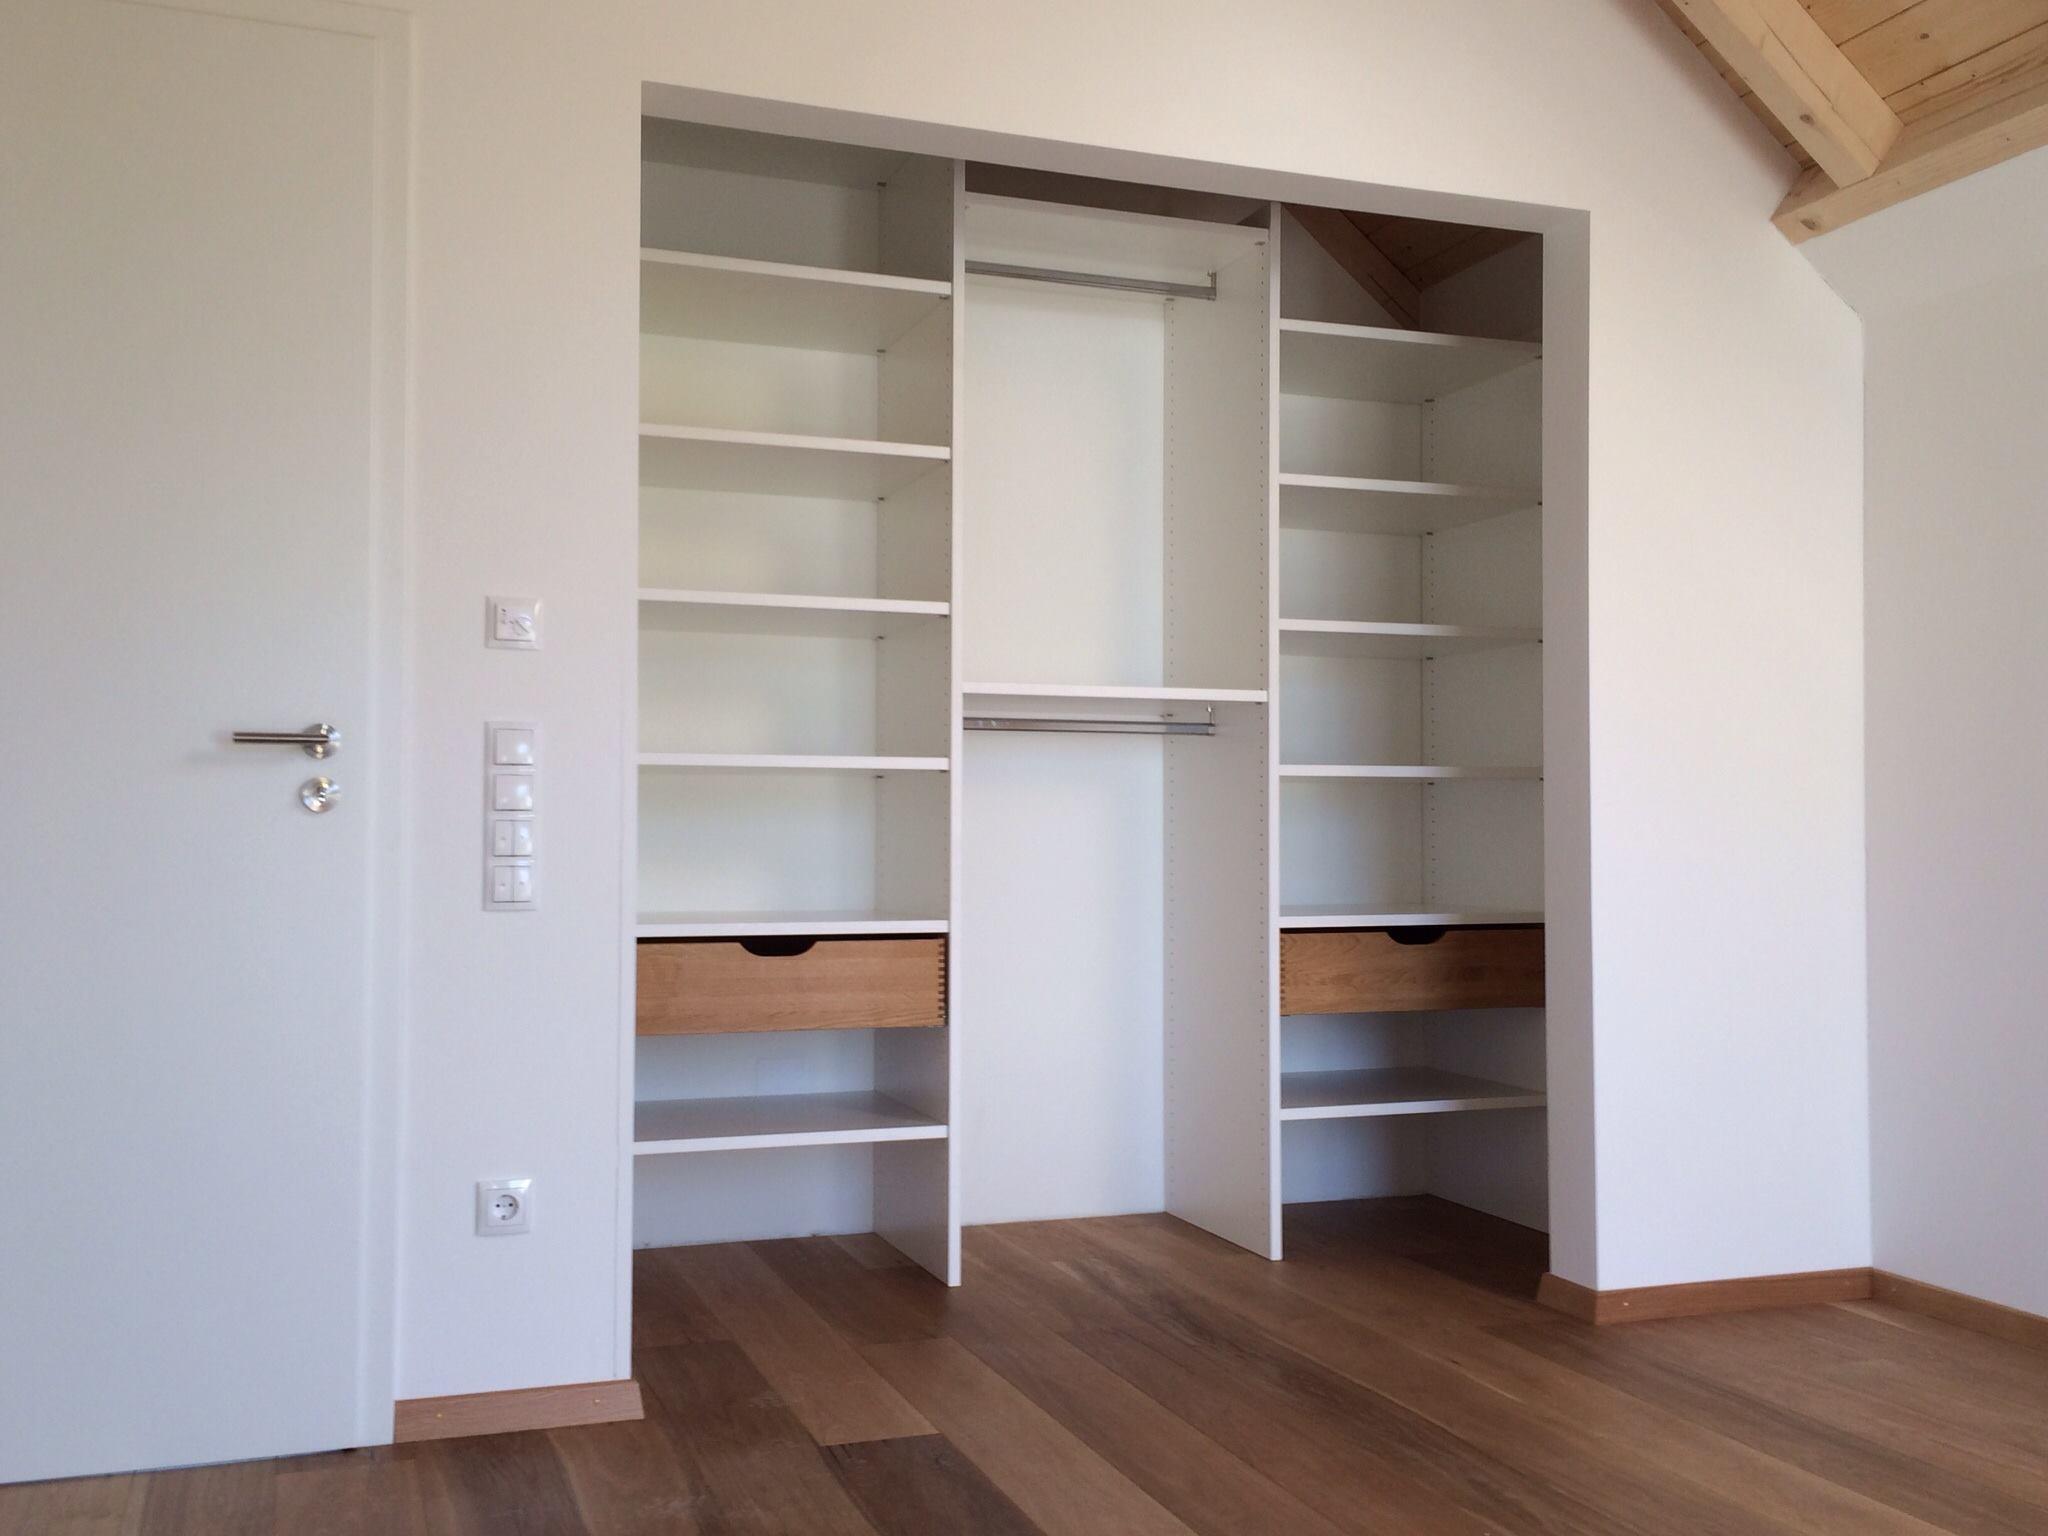 begehbare kleiderschr nke ankleiden garderoben. Black Bedroom Furniture Sets. Home Design Ideas